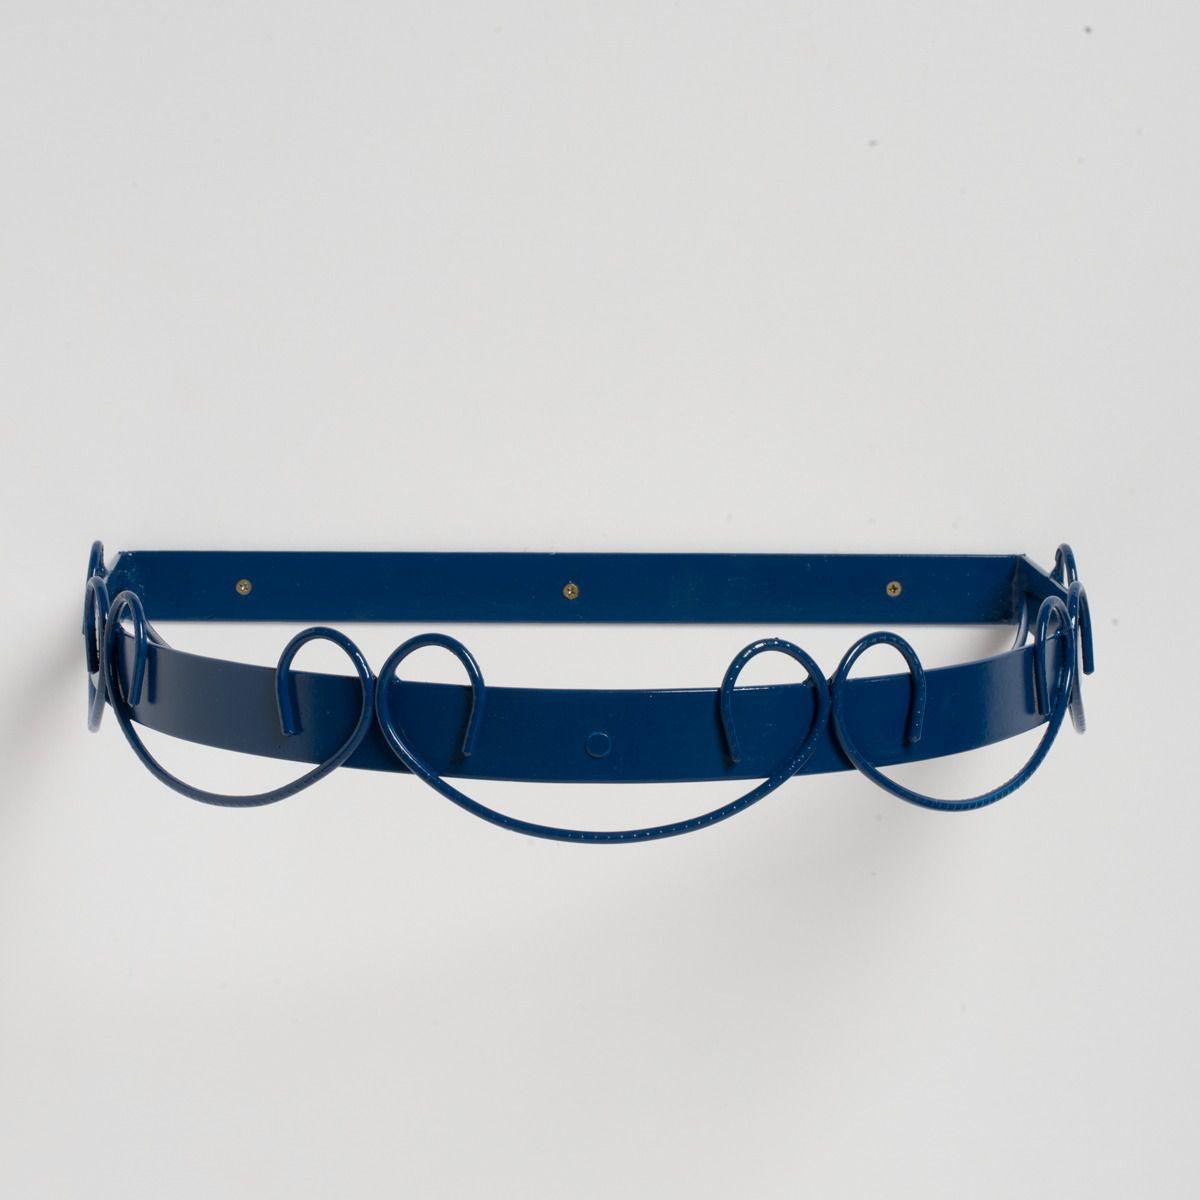 Dossel Arabesco Azul Marinho com Mosquiteiro de Tule Palha